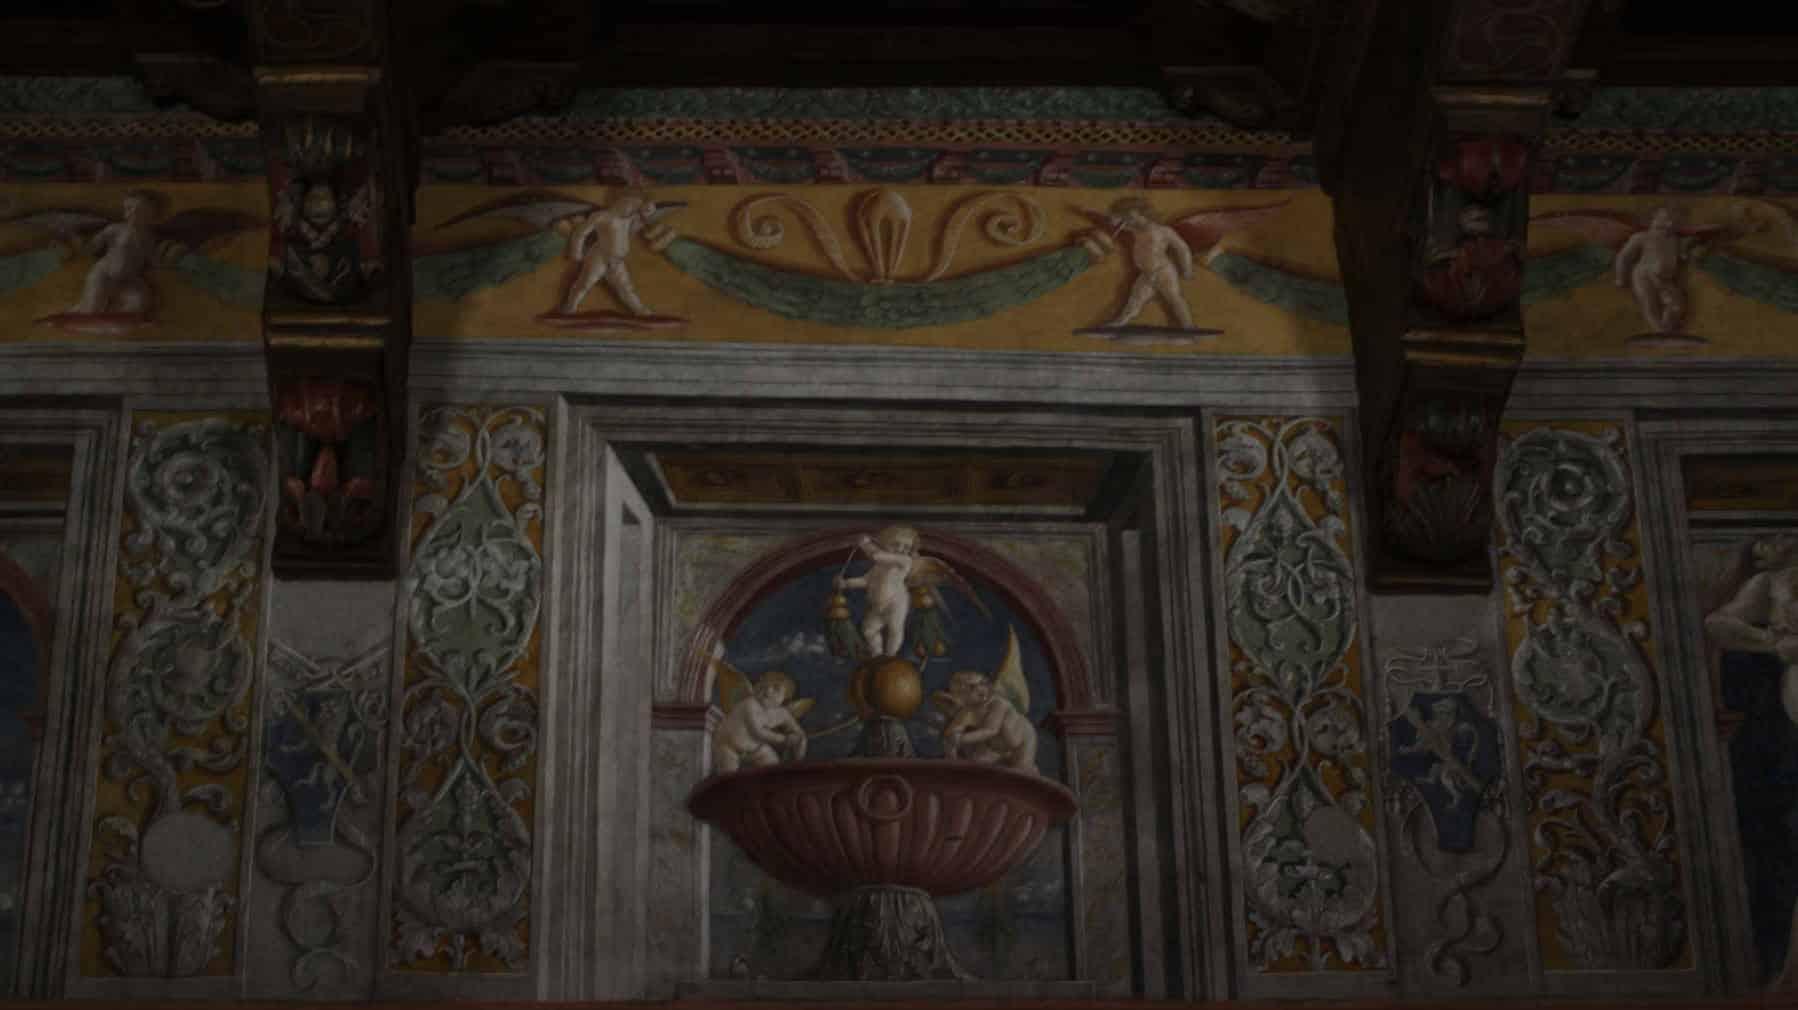 historia y curiosidades del palacio venecia sala papagayo